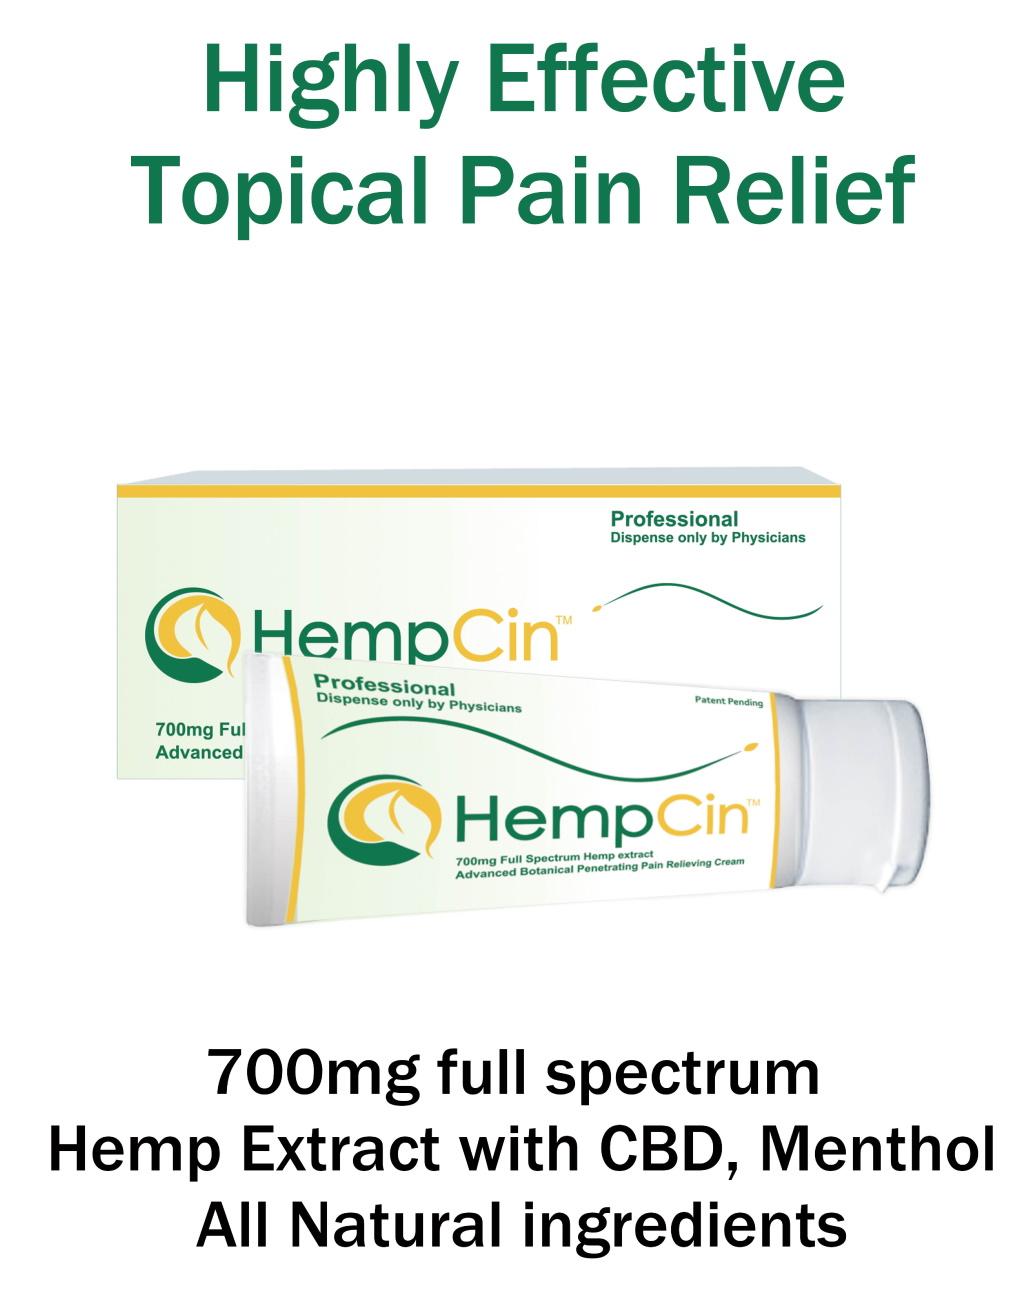 HempCin